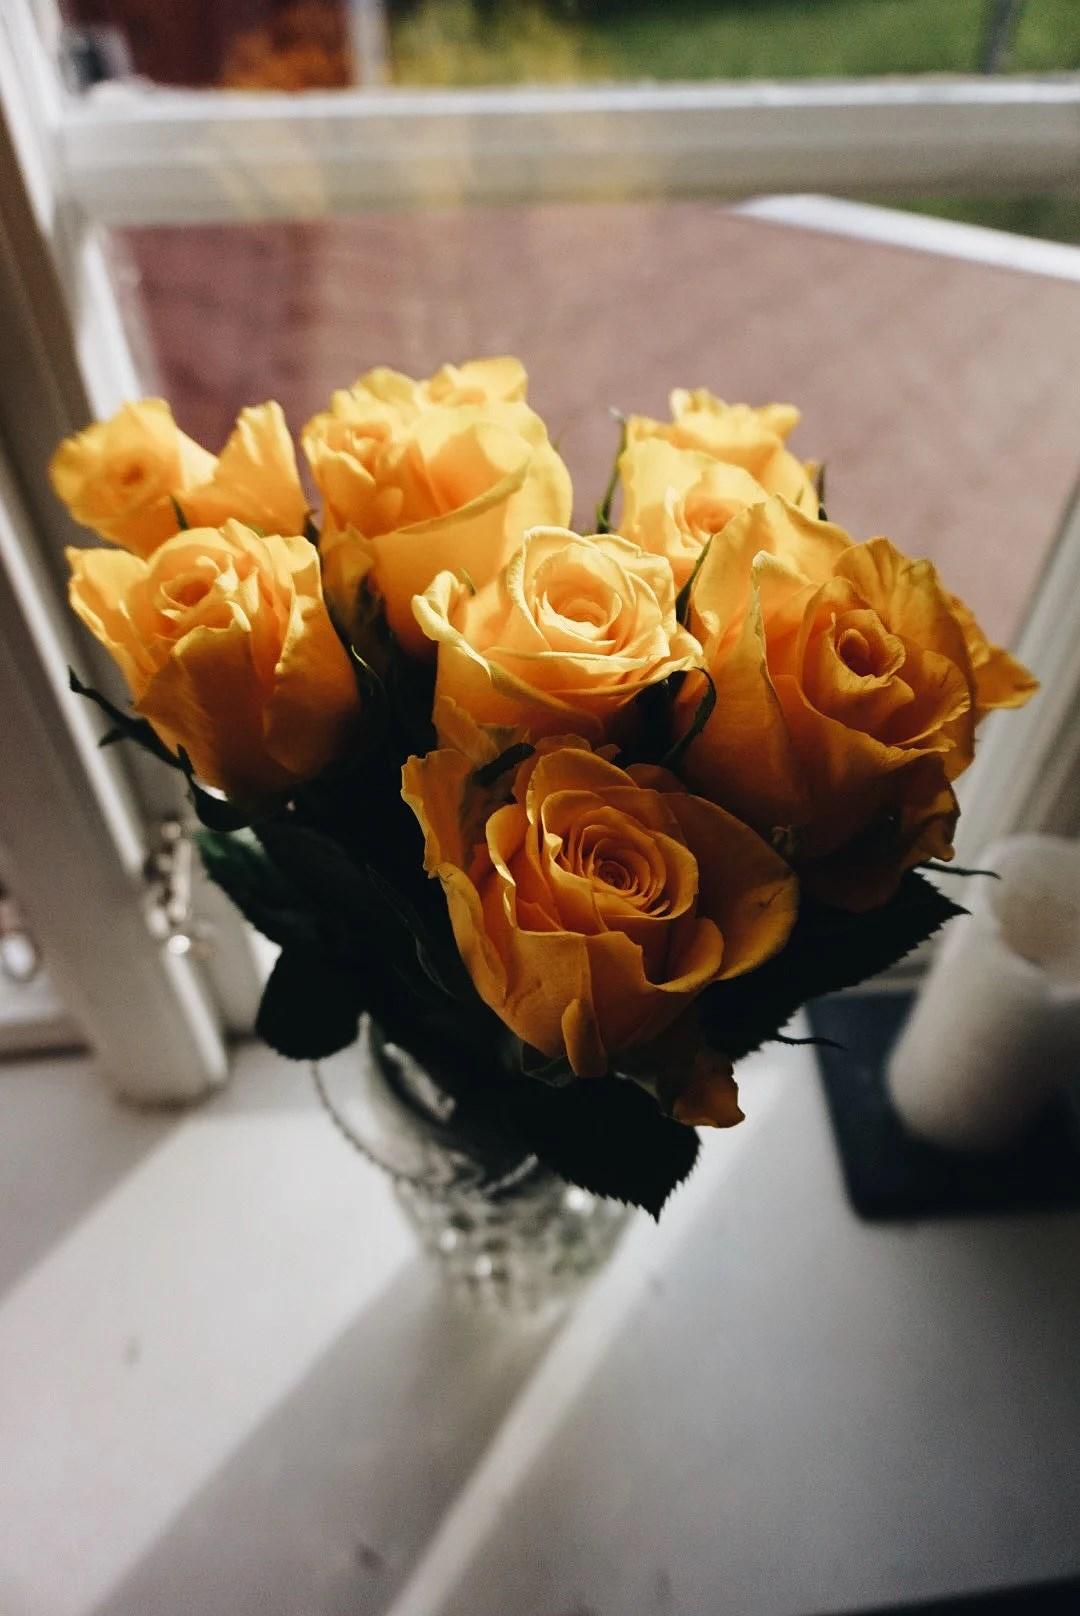 Yellow roses & yesterdays statement